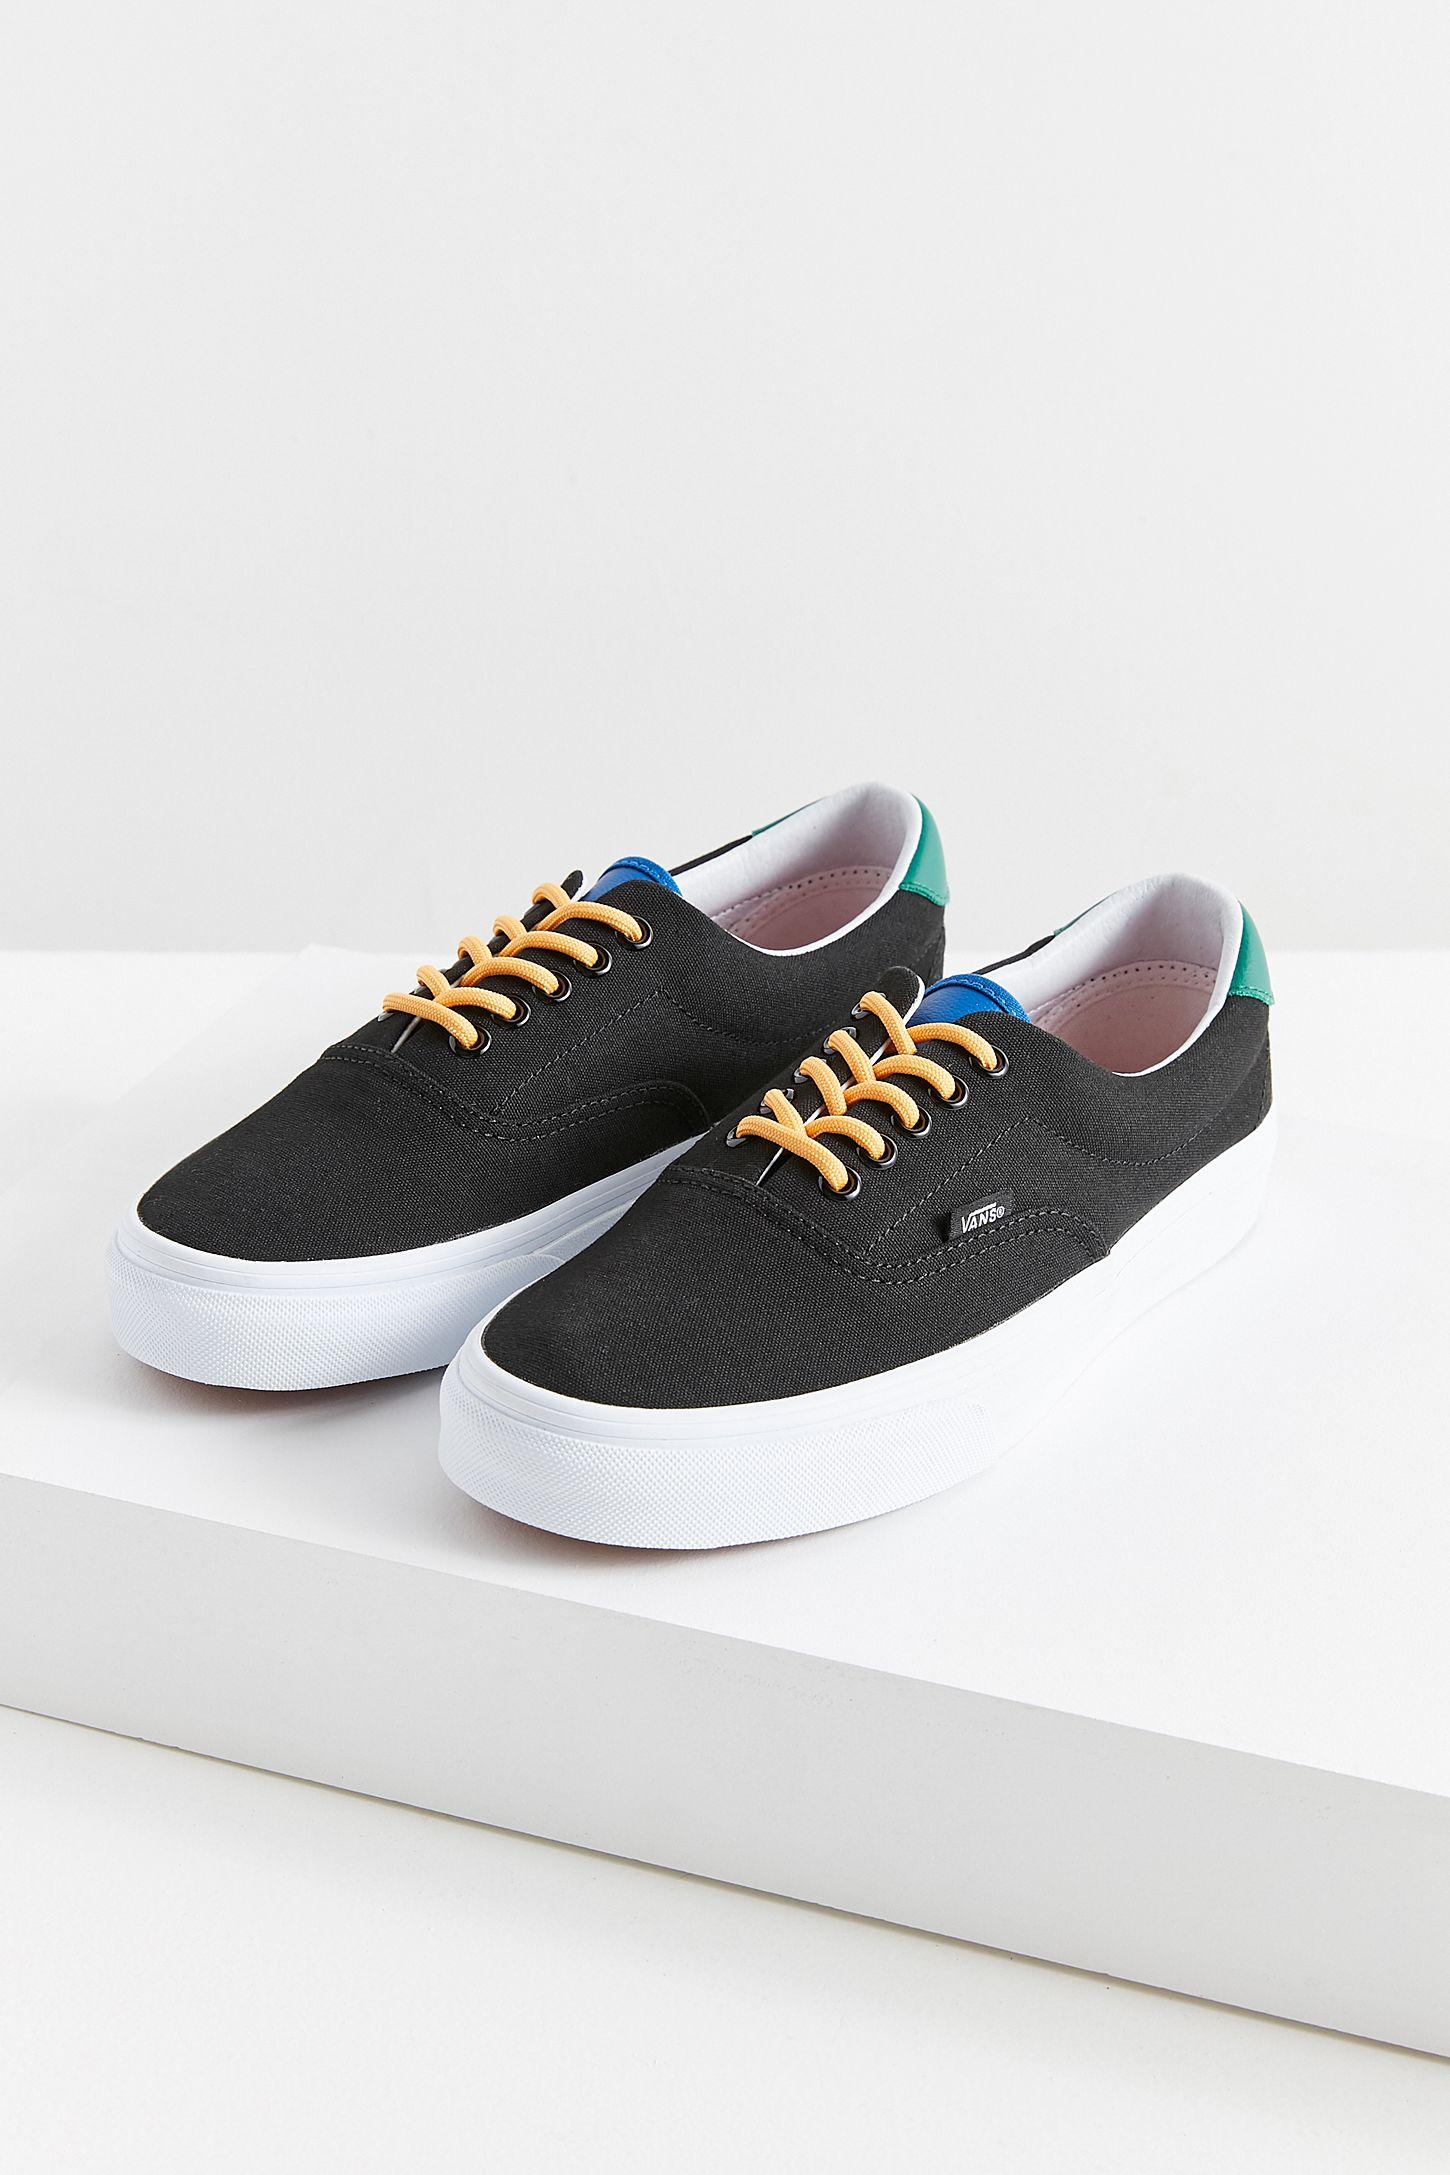 c6d0d37c3fe2f7 Vans Era 59 Sneaker